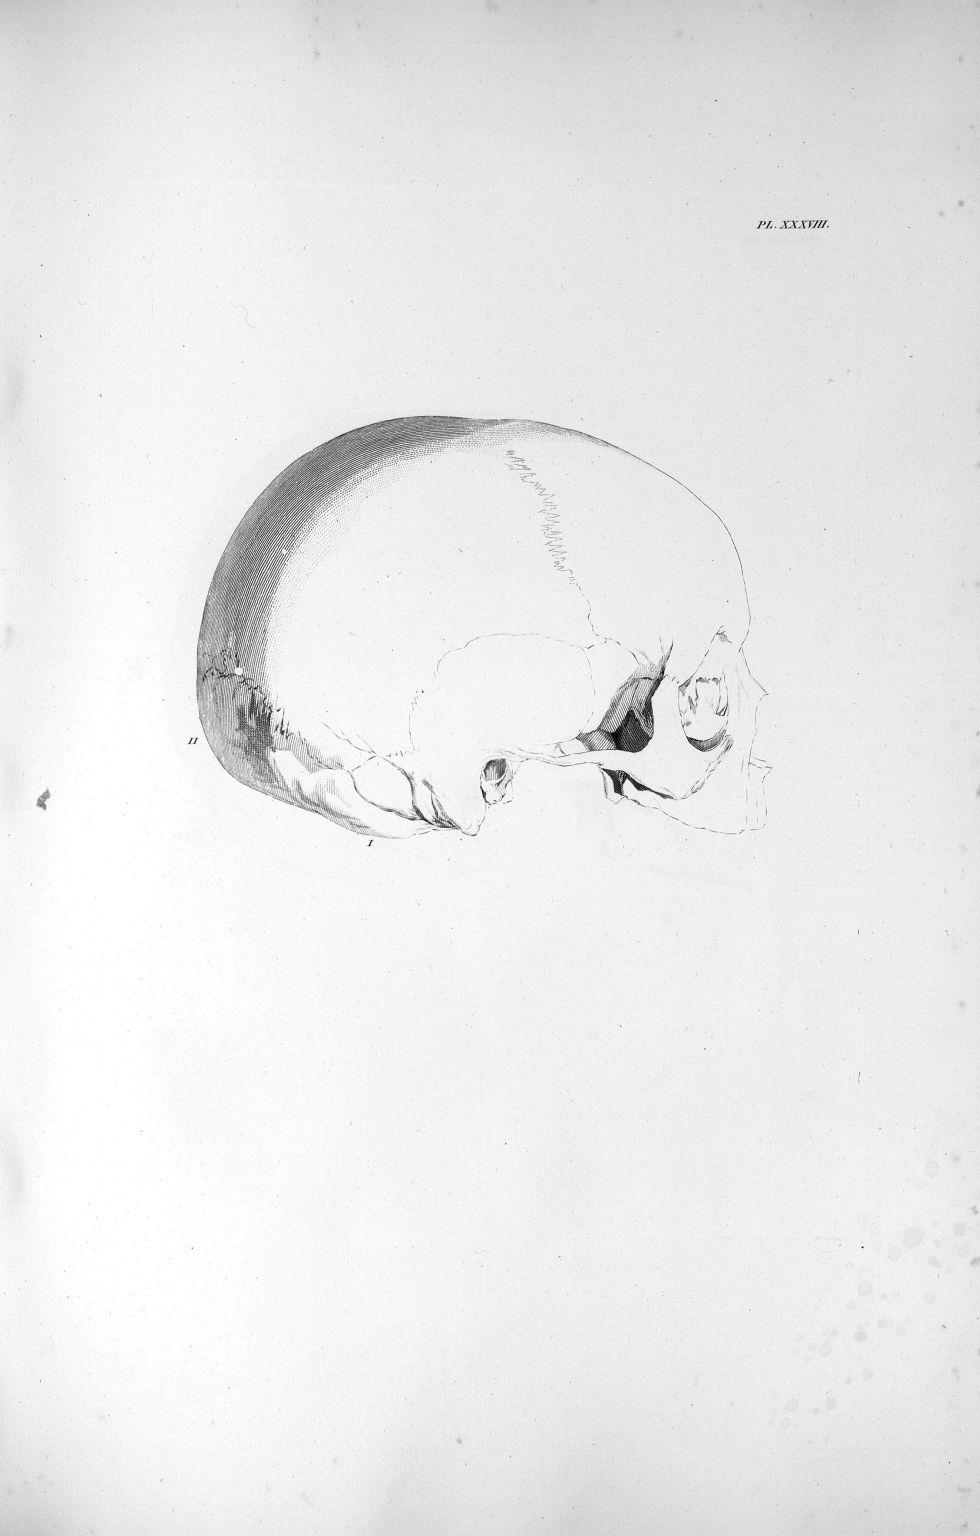 Pl. XXXVIII. Crâne d'une fillette de six ans - Anatomie et physiologie du système nerveux en général [...] - Anatomie. Neurologie. Crânes. 19e siècle (France) - med00575xatlasx0048